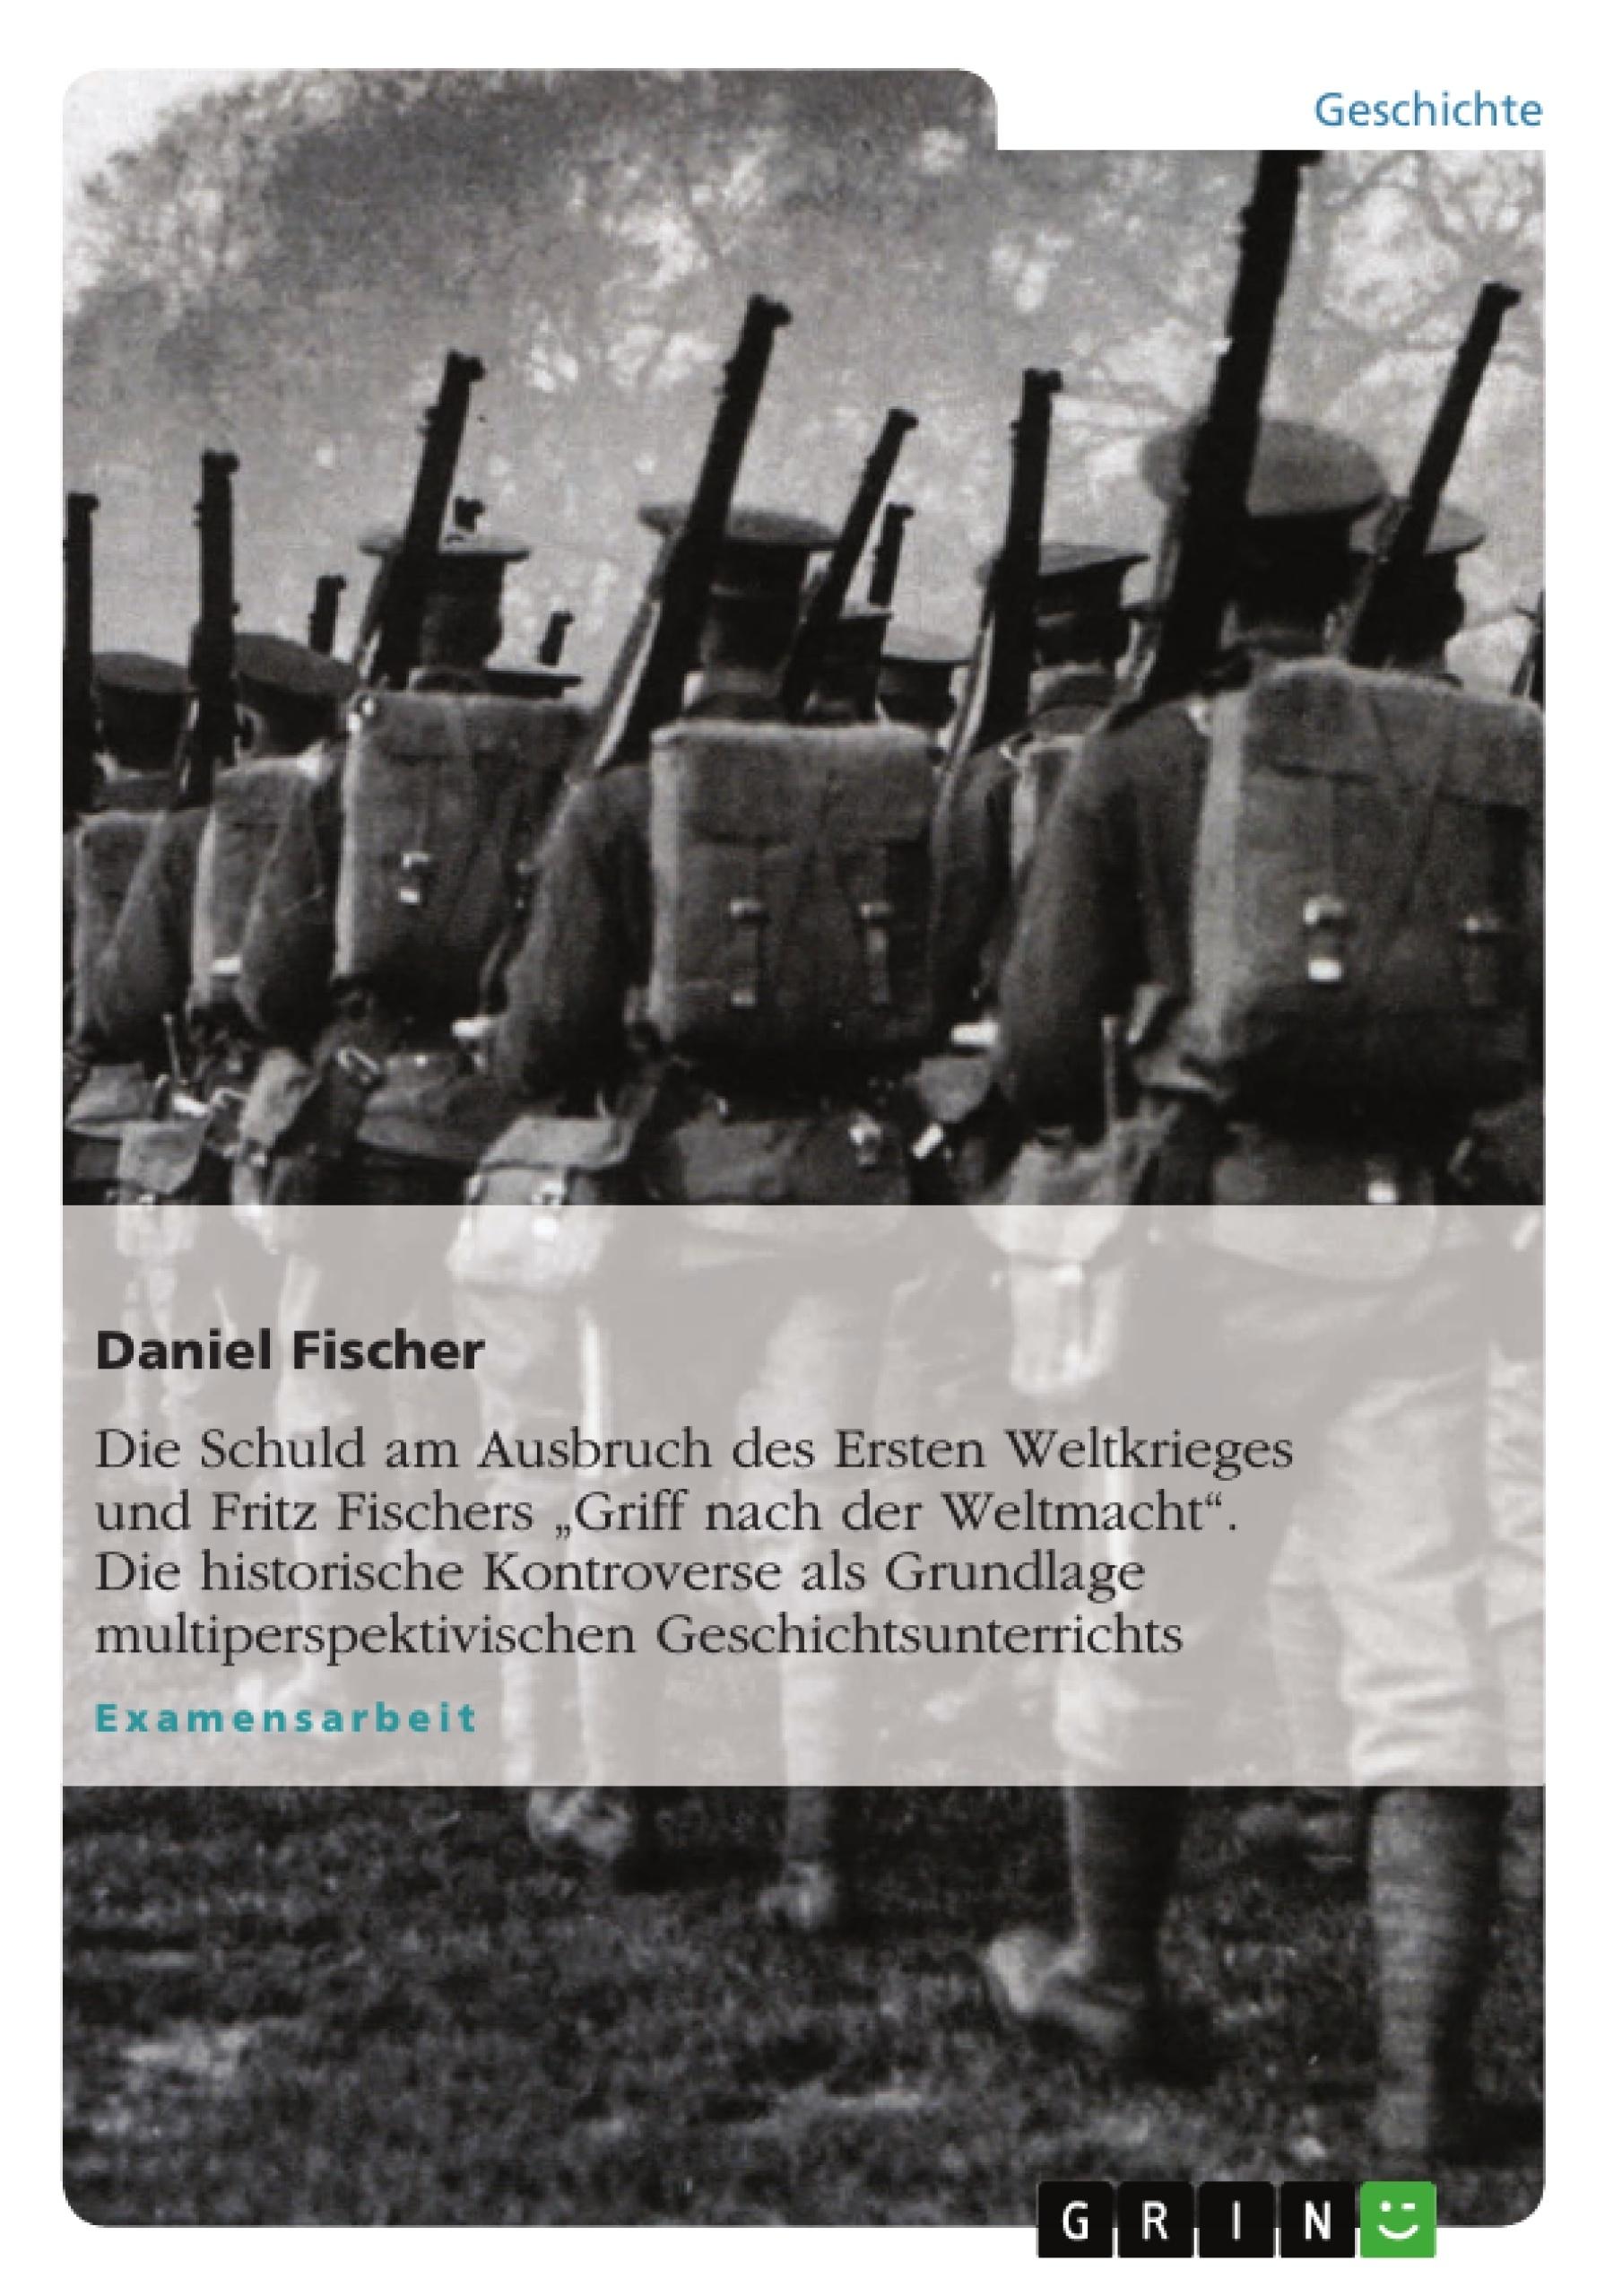 """Titel: Die Schuld am Ausbruch des Ersten Weltkrieges und Fritz Fischers  """"Griff nach der Weltmacht"""". Die historische Kontroverse als Grundlage multiperspektivischen Geschichtsunterrichts"""